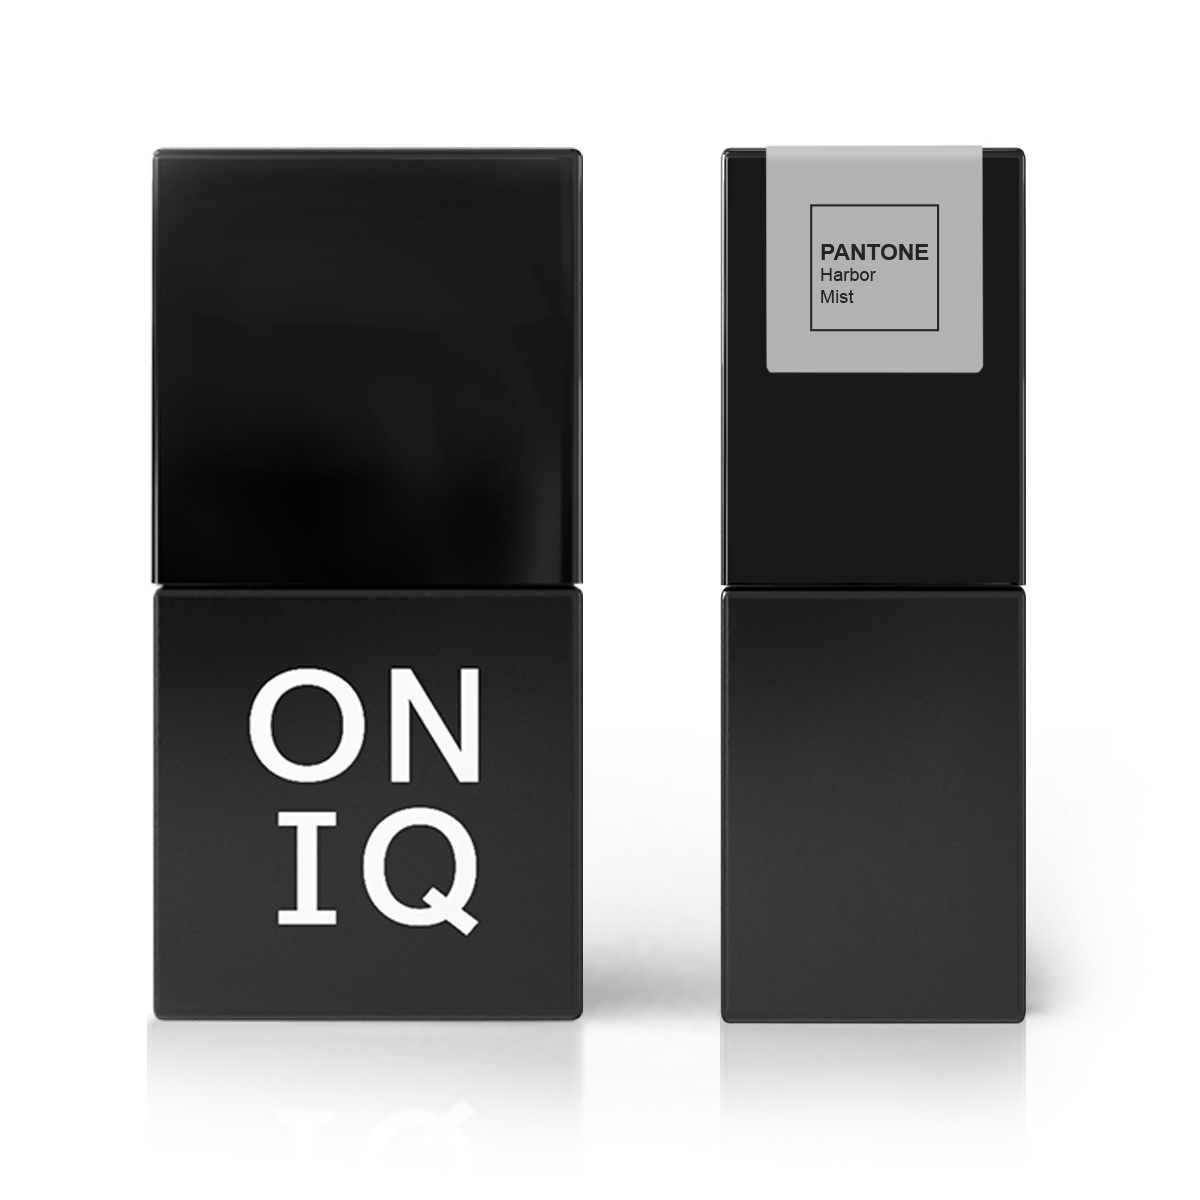 ONIQ Гель-лак для покрытия ногтей, Pantone: Harbor mist, 10 мл -  Гель-лаки